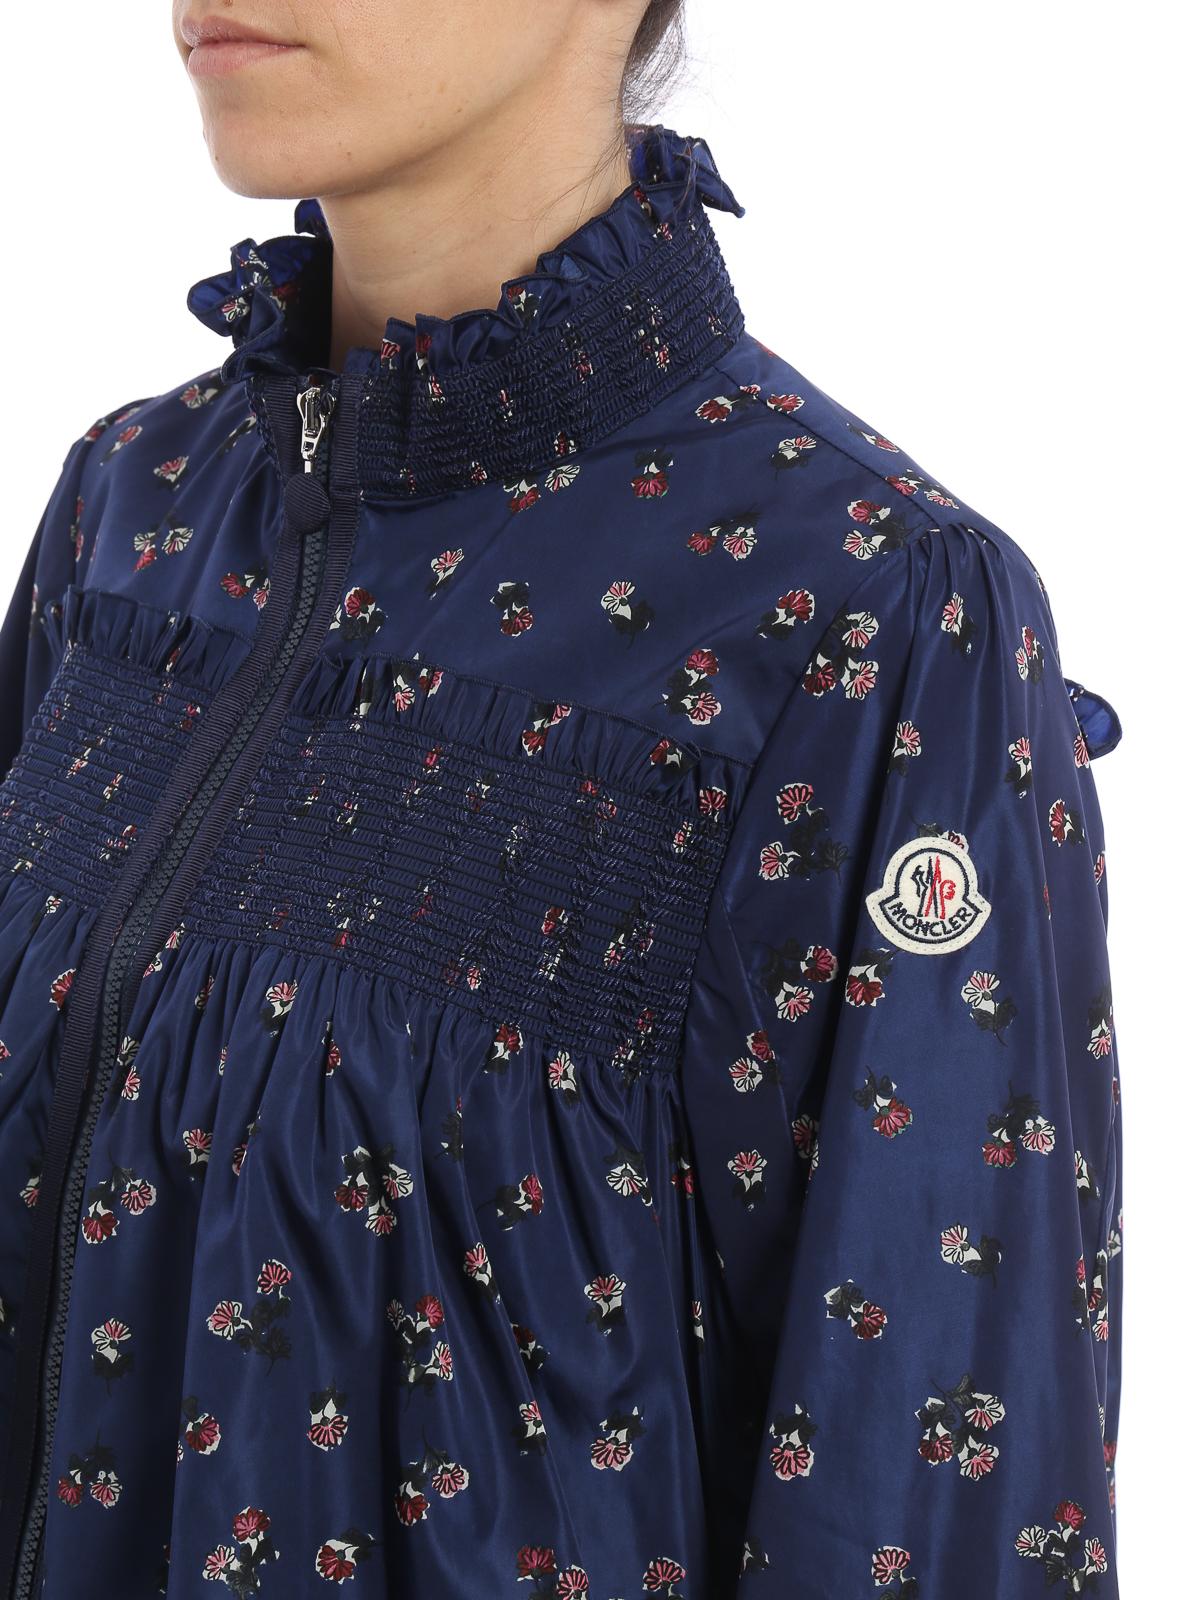 Buy moncler jacket online